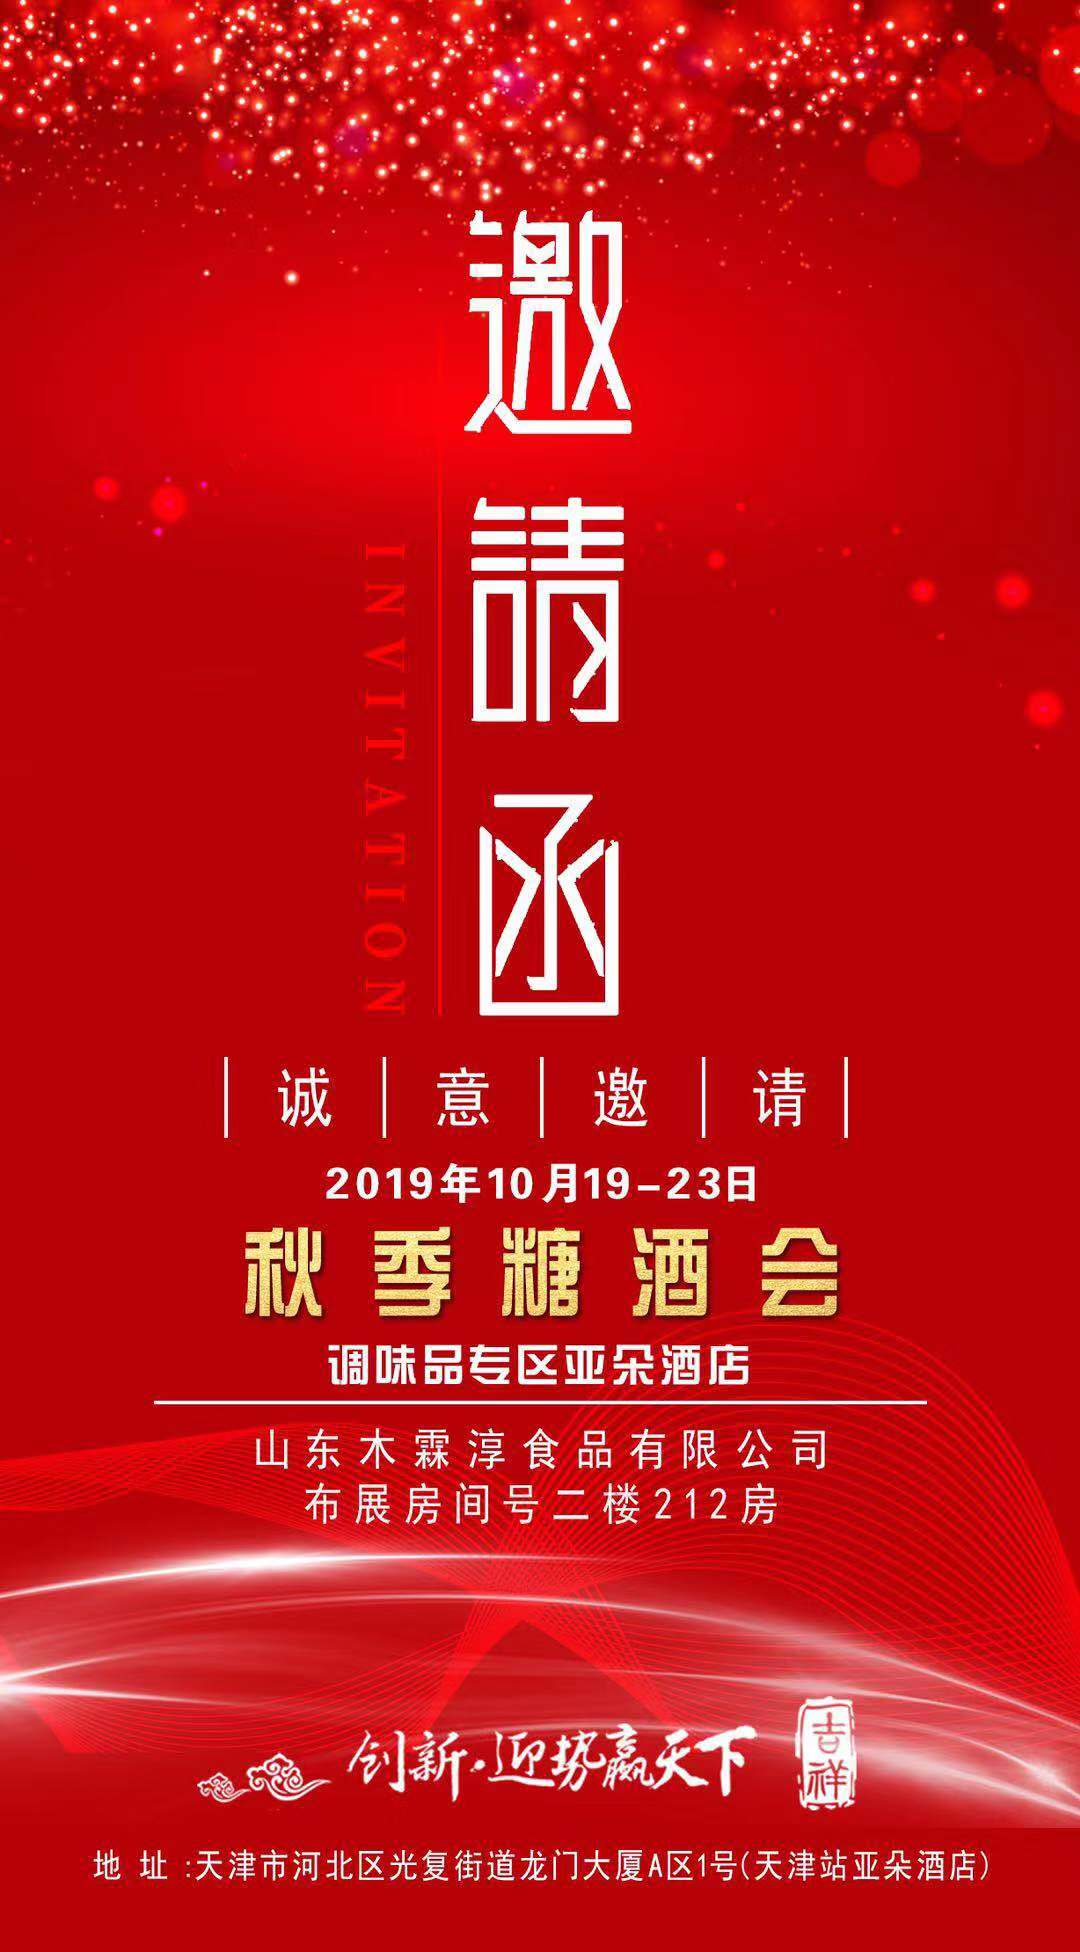 【邀请函】木霖淳食品邀您参加2019年10月19-23日天津秋季糖酒会调味品专区